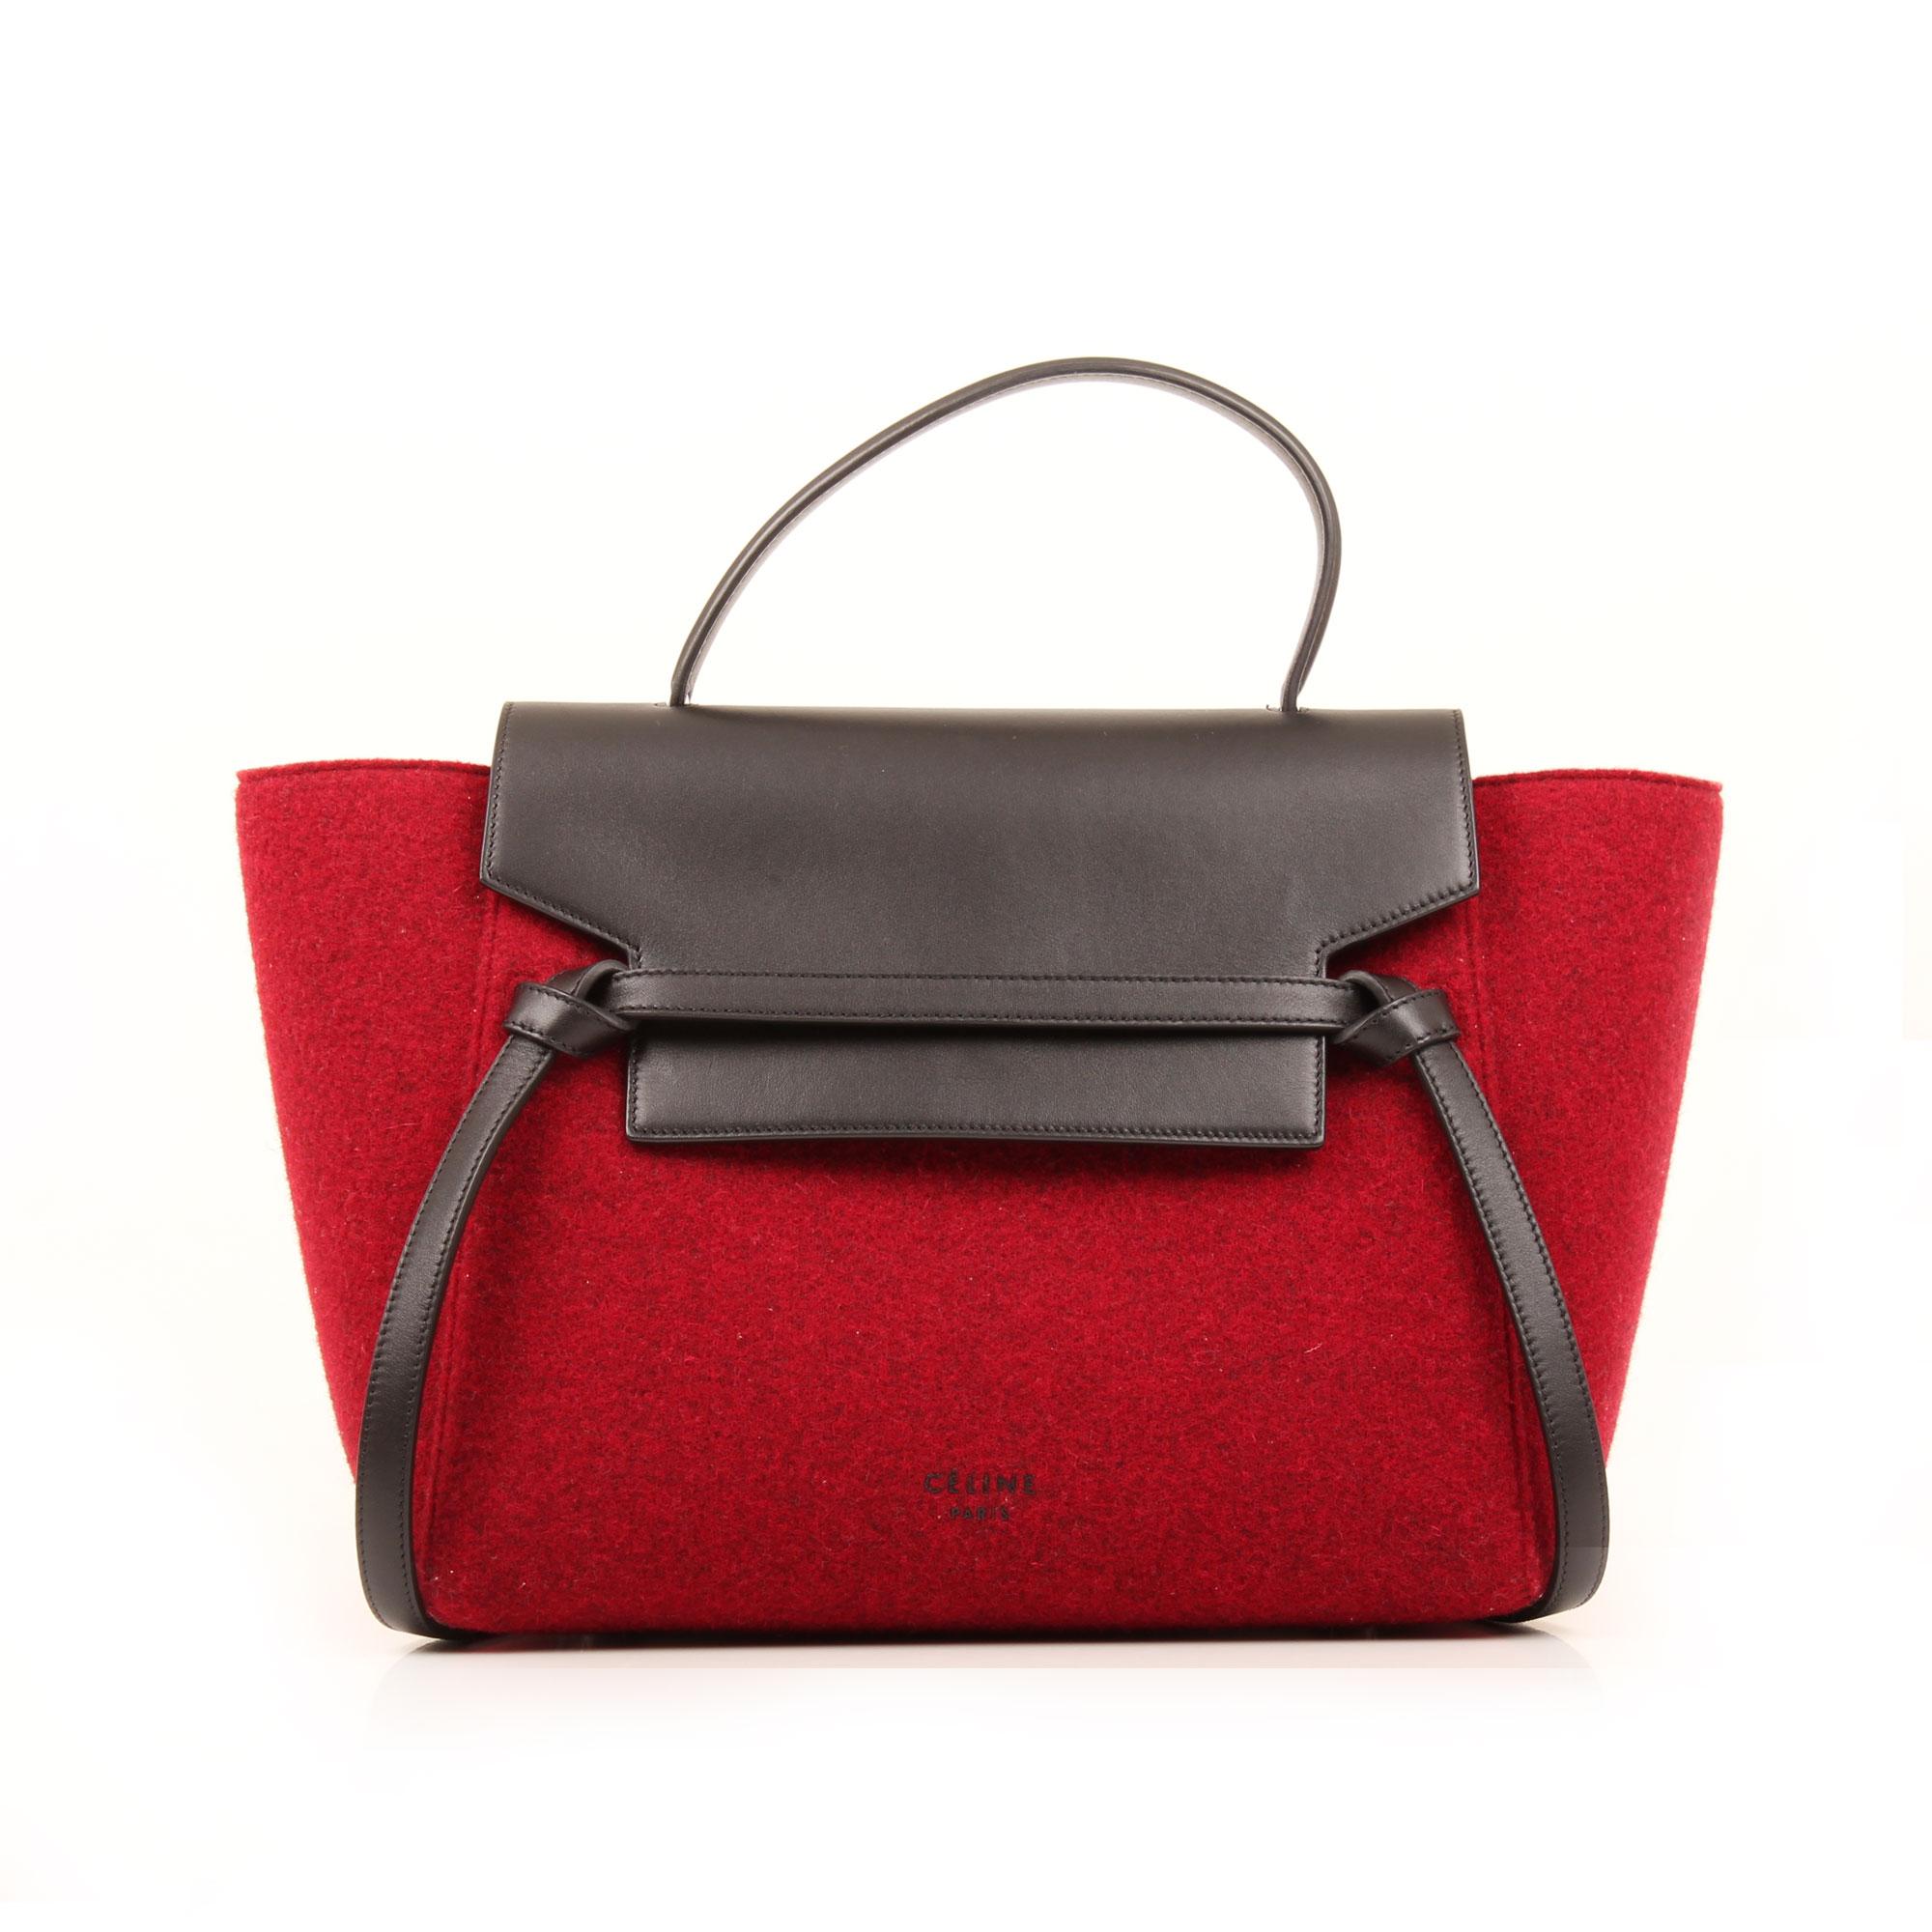 Front image of celine belt felp leather burgundy and black